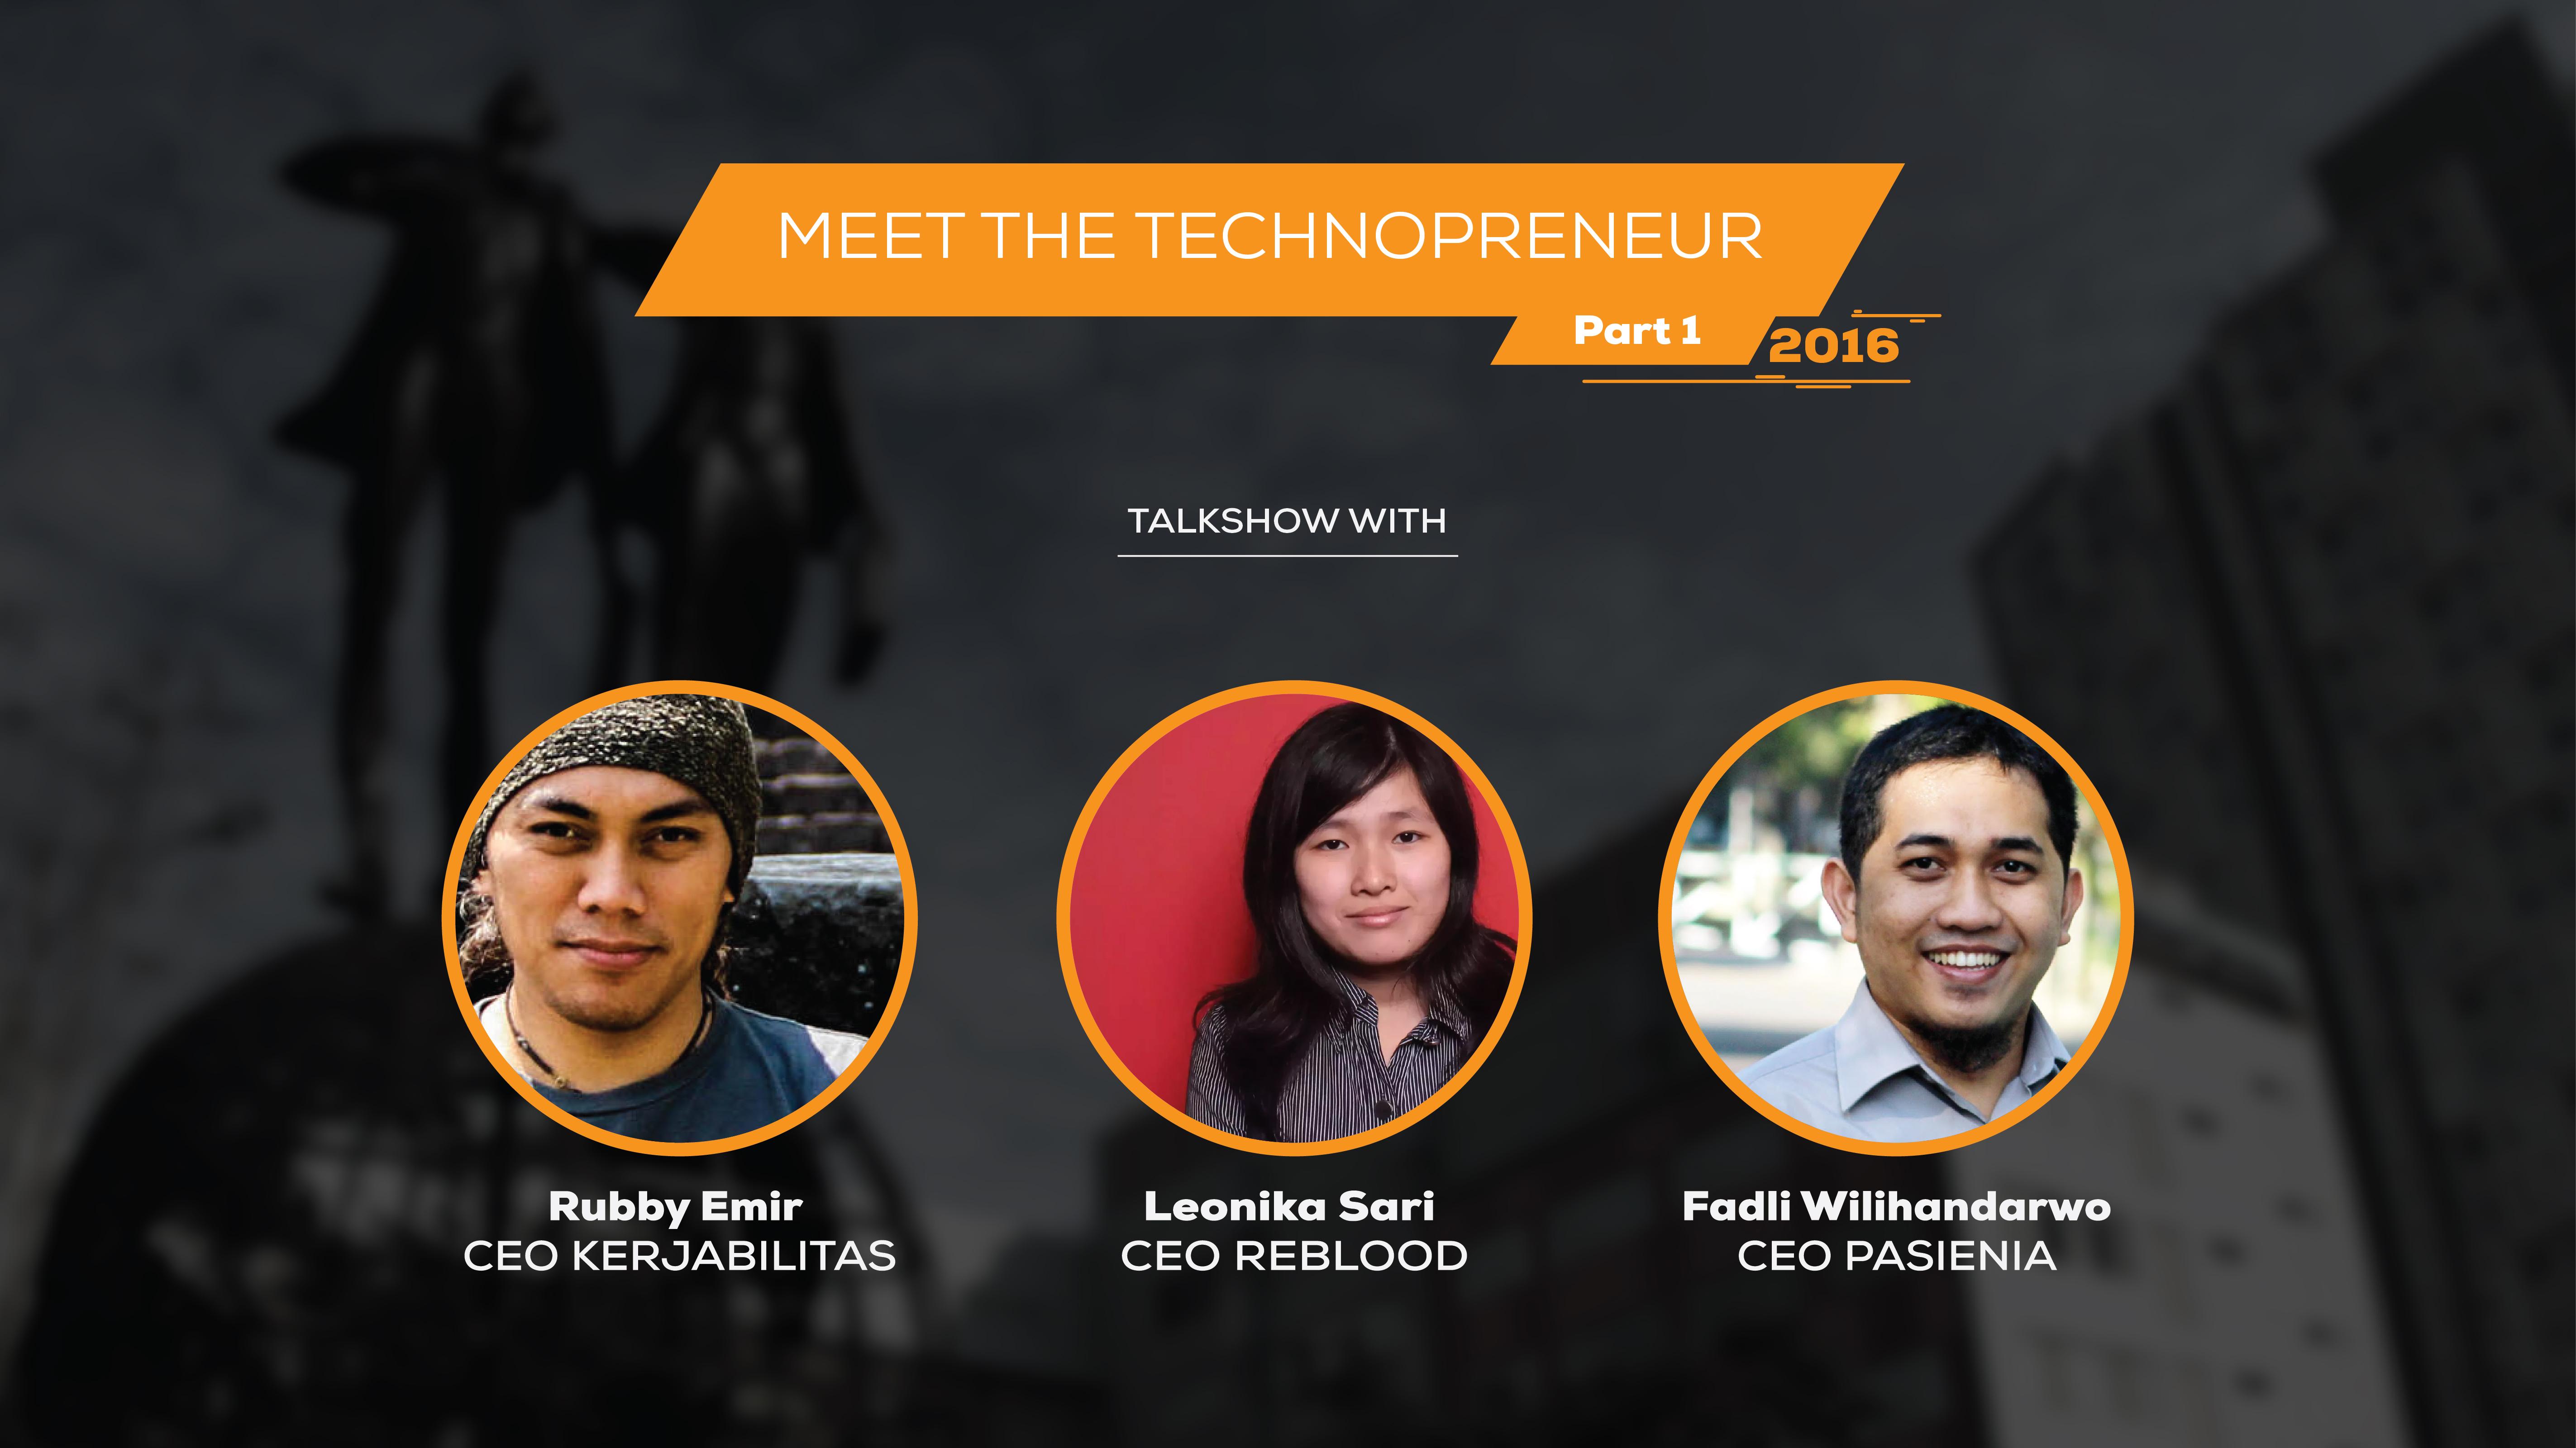 Meet The Technopreneurs - Part 1